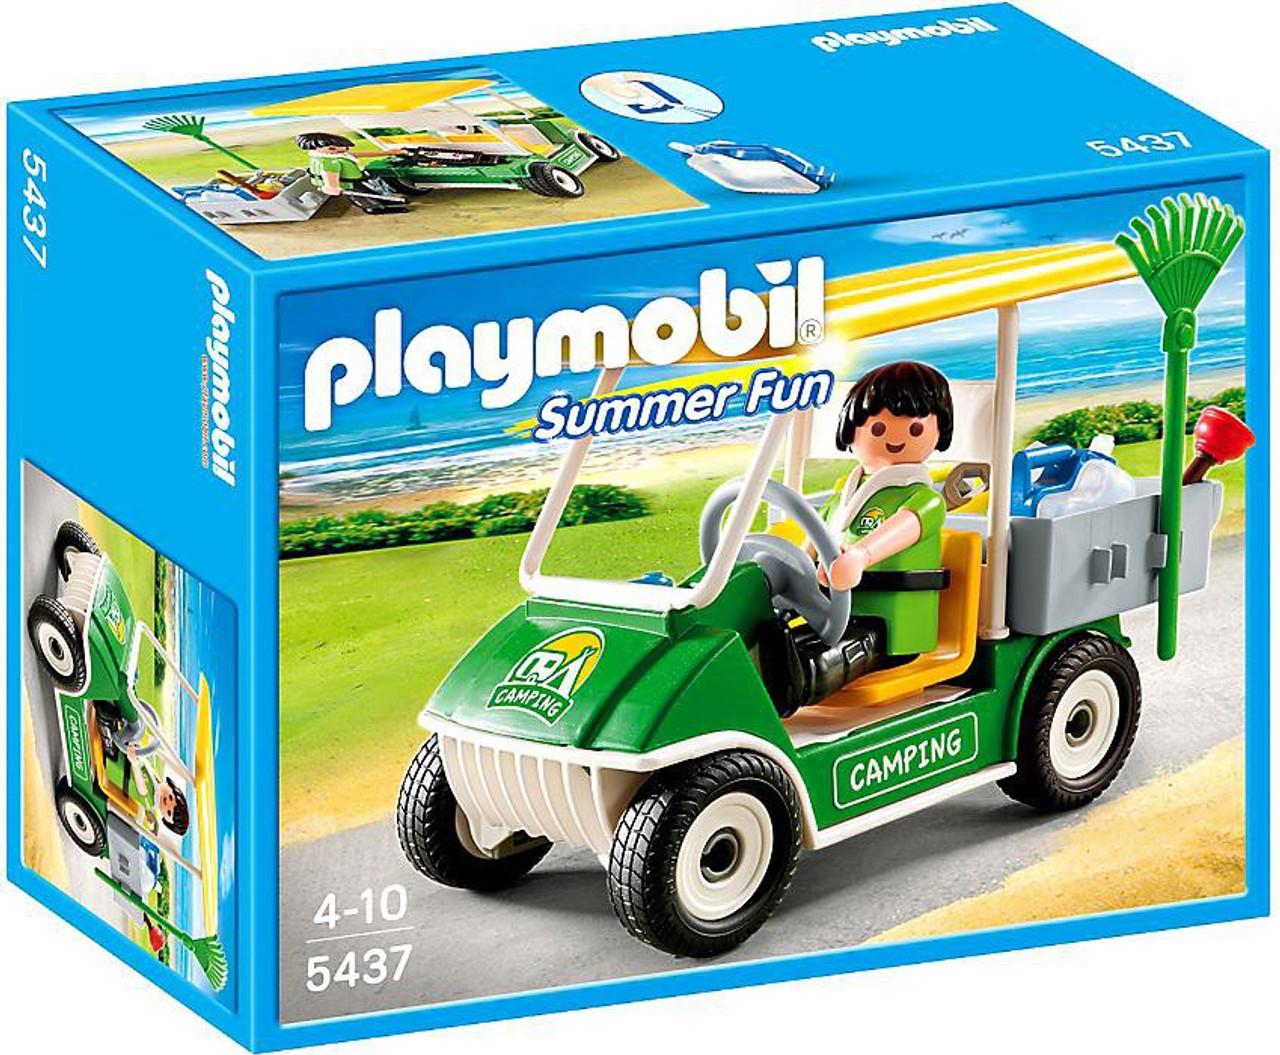 Playmobil Summer Fun Camping Service Cart Set 5437 - ToyWiz